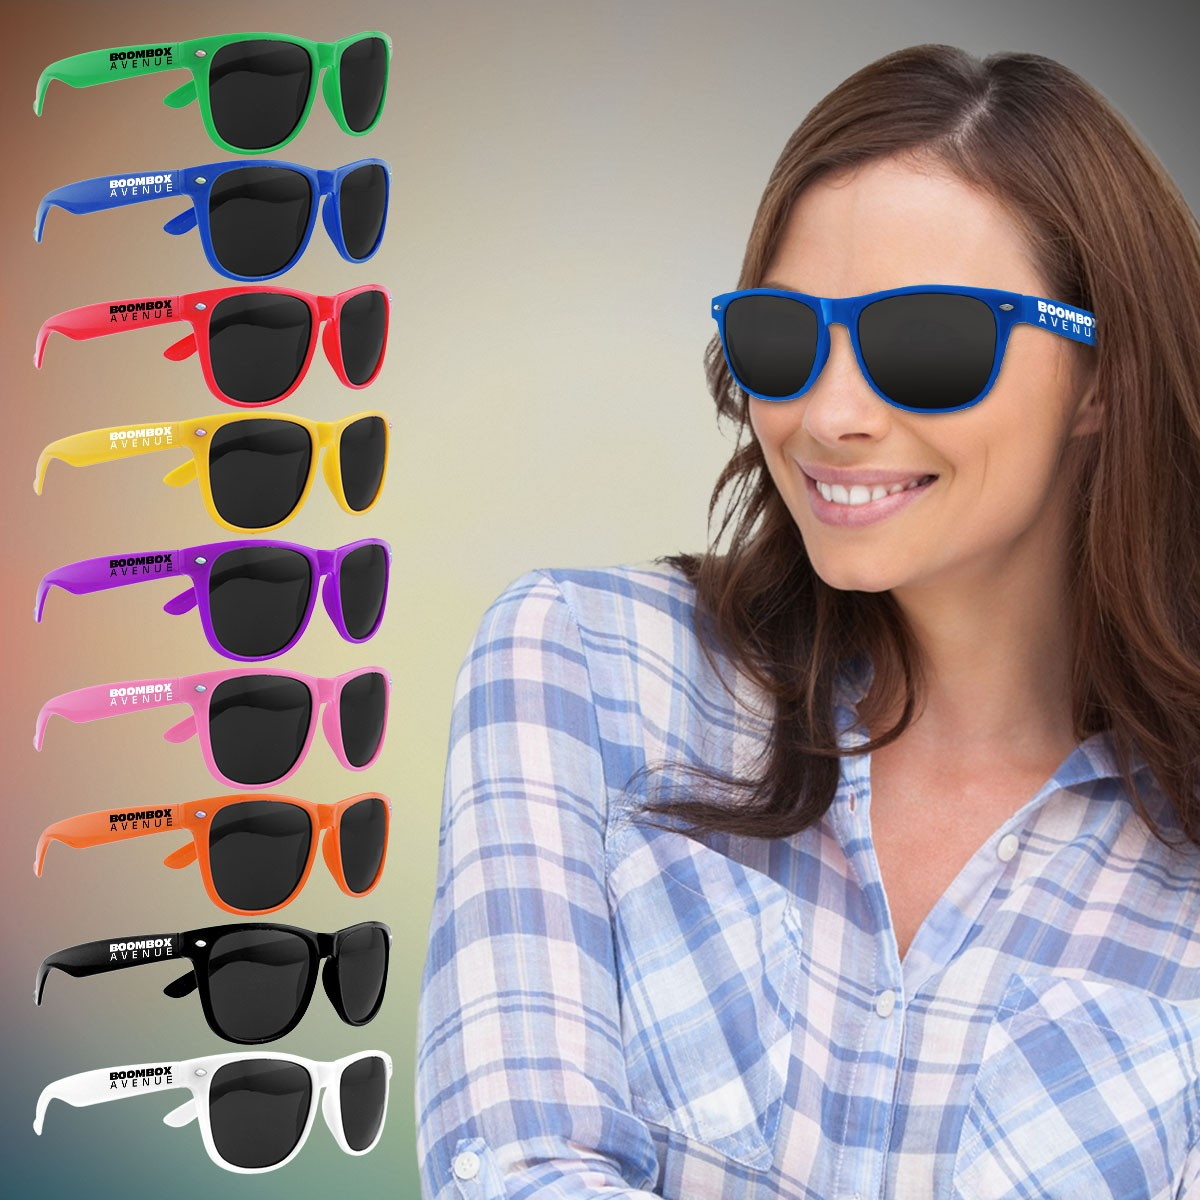 Premium Classic Retro Sunglasses